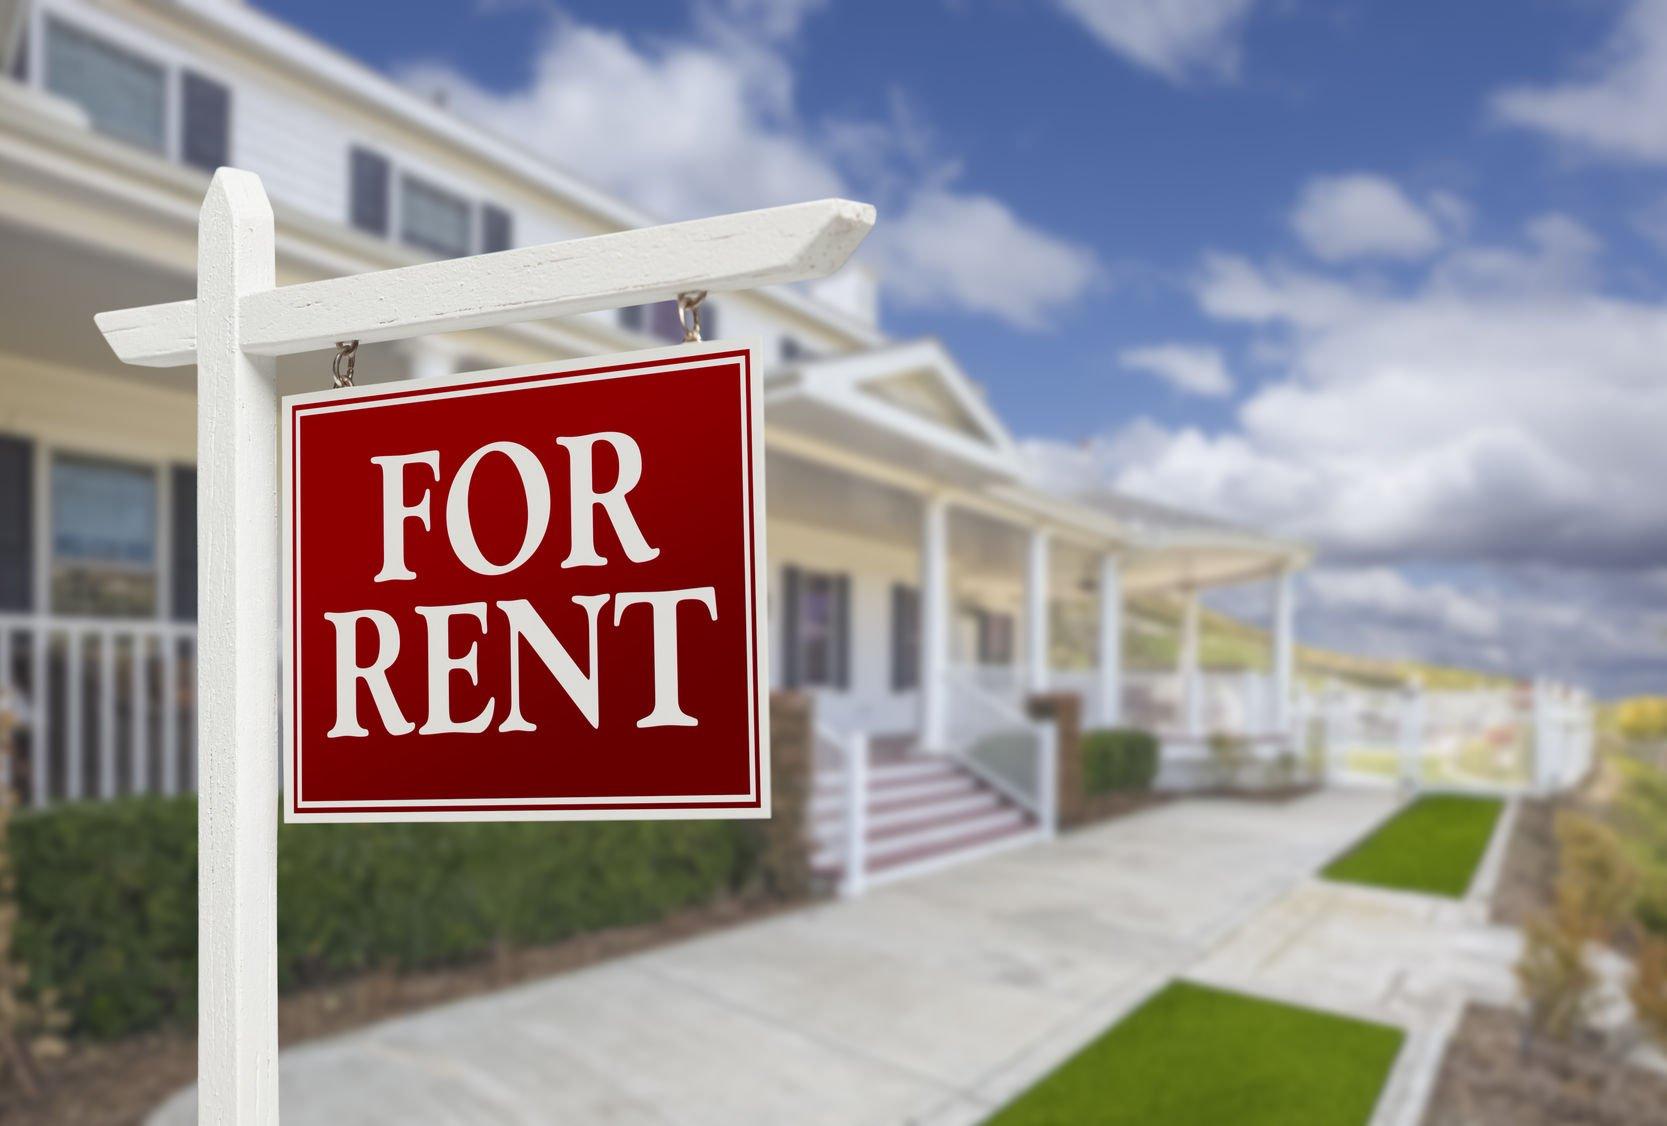 Kamer(ver)huur, net iets andere regelgeving m.b.t. de opzegging